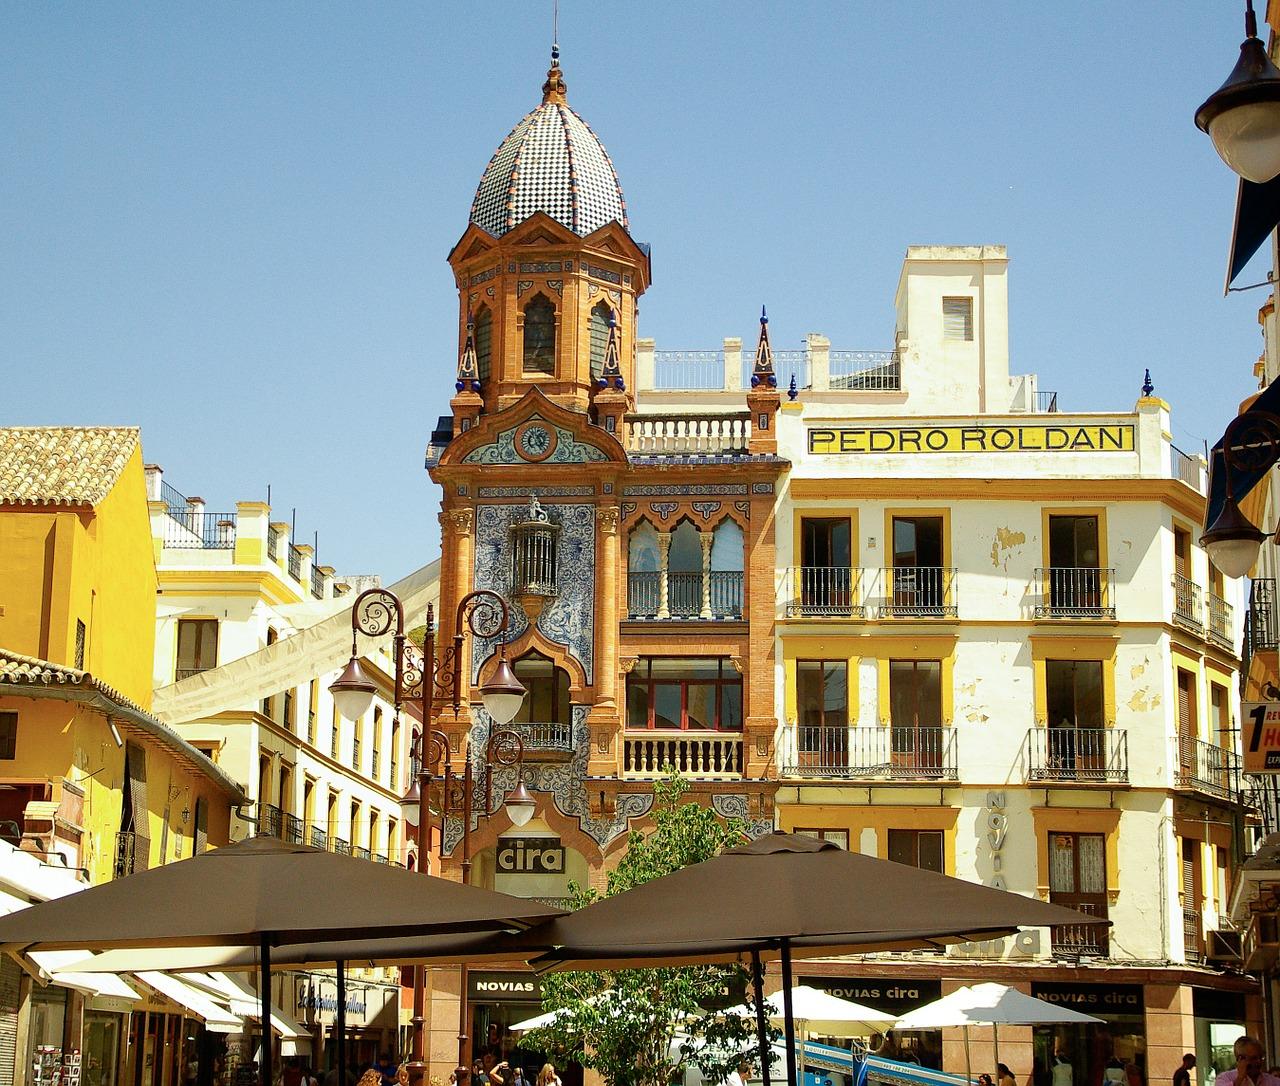 La gastronomie andalouse: du soleil et du fromage de brebis dans l'assiette